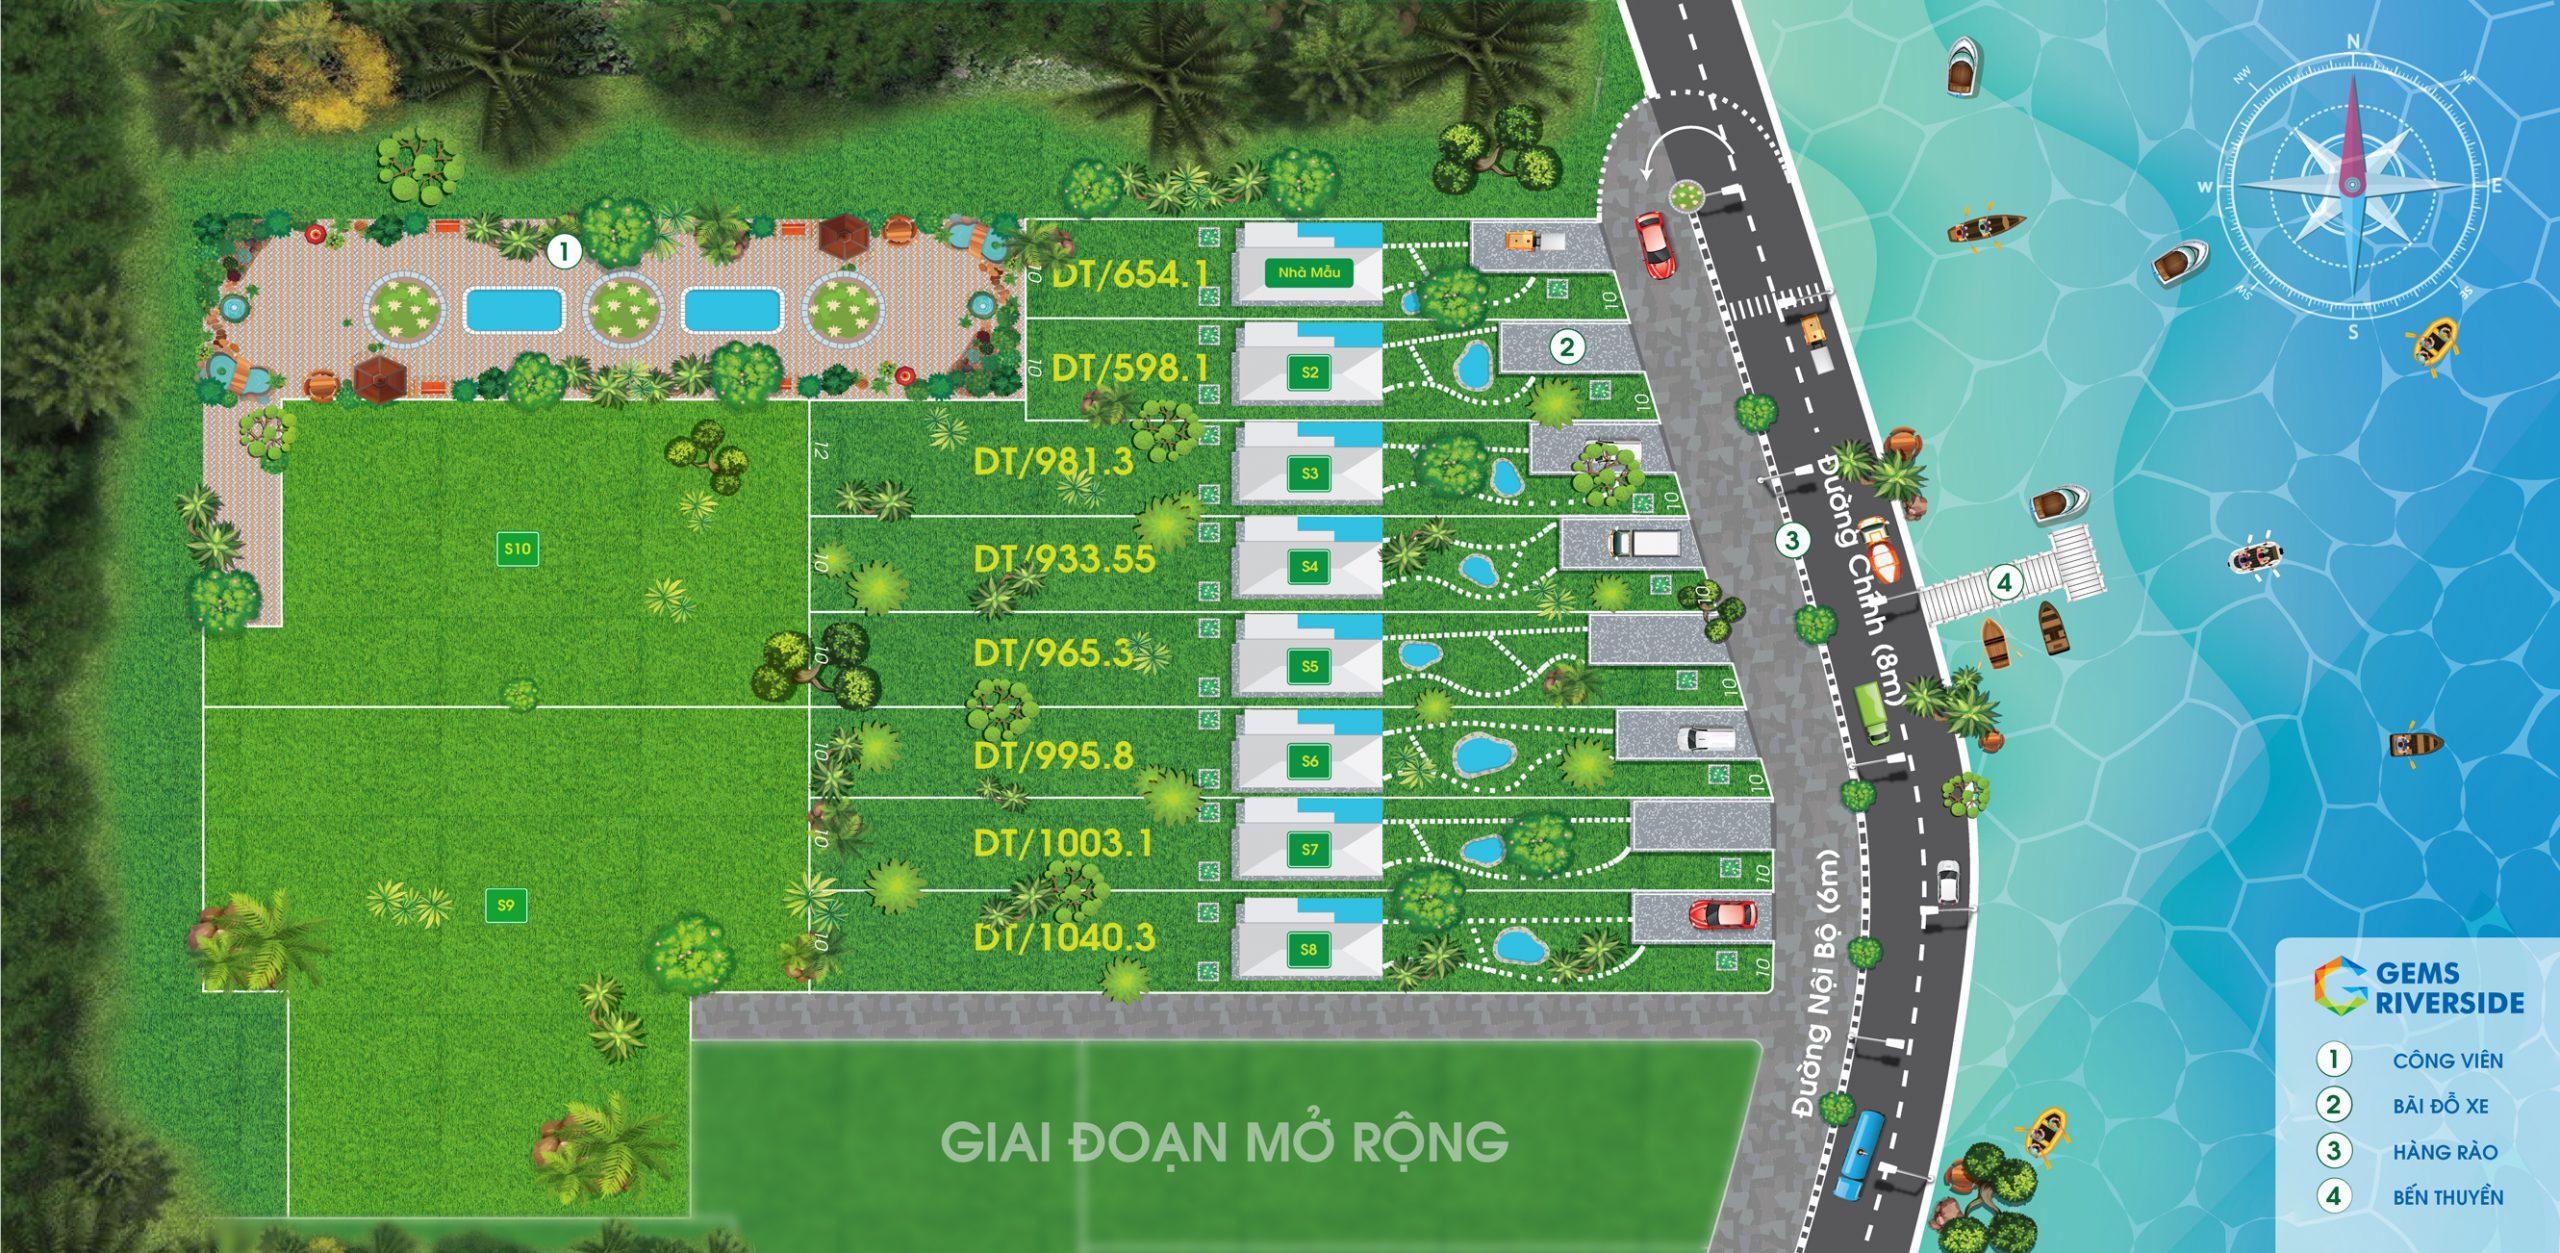 Mặt bằng dự án đất nền nghĩ dưỡng Bảo Lộc Gems Riverside Lâm Đồng